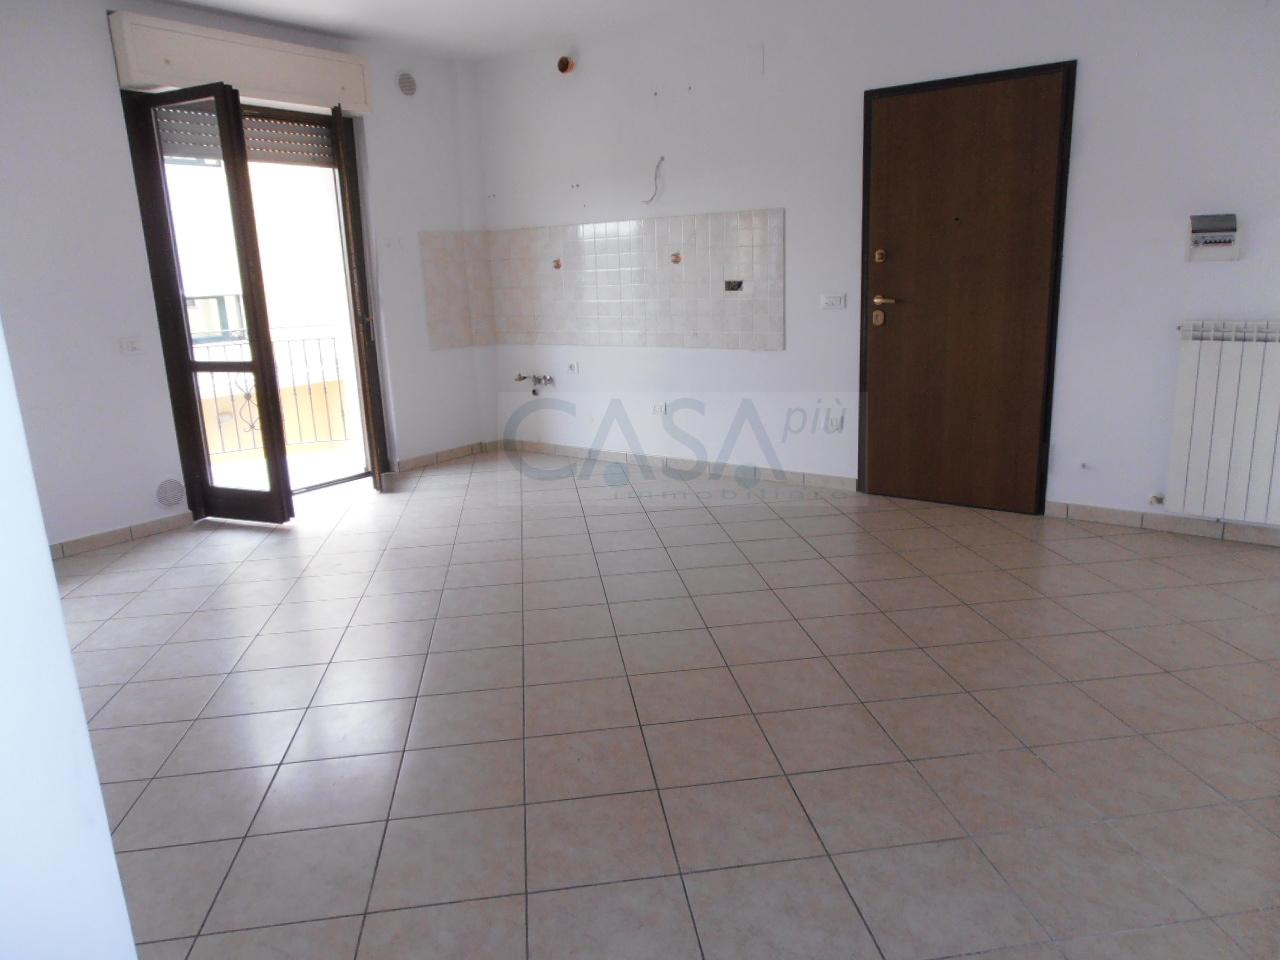 Appartamento in affitto a Monteprandone, 4 locali, prezzo € 450 | CambioCasa.it